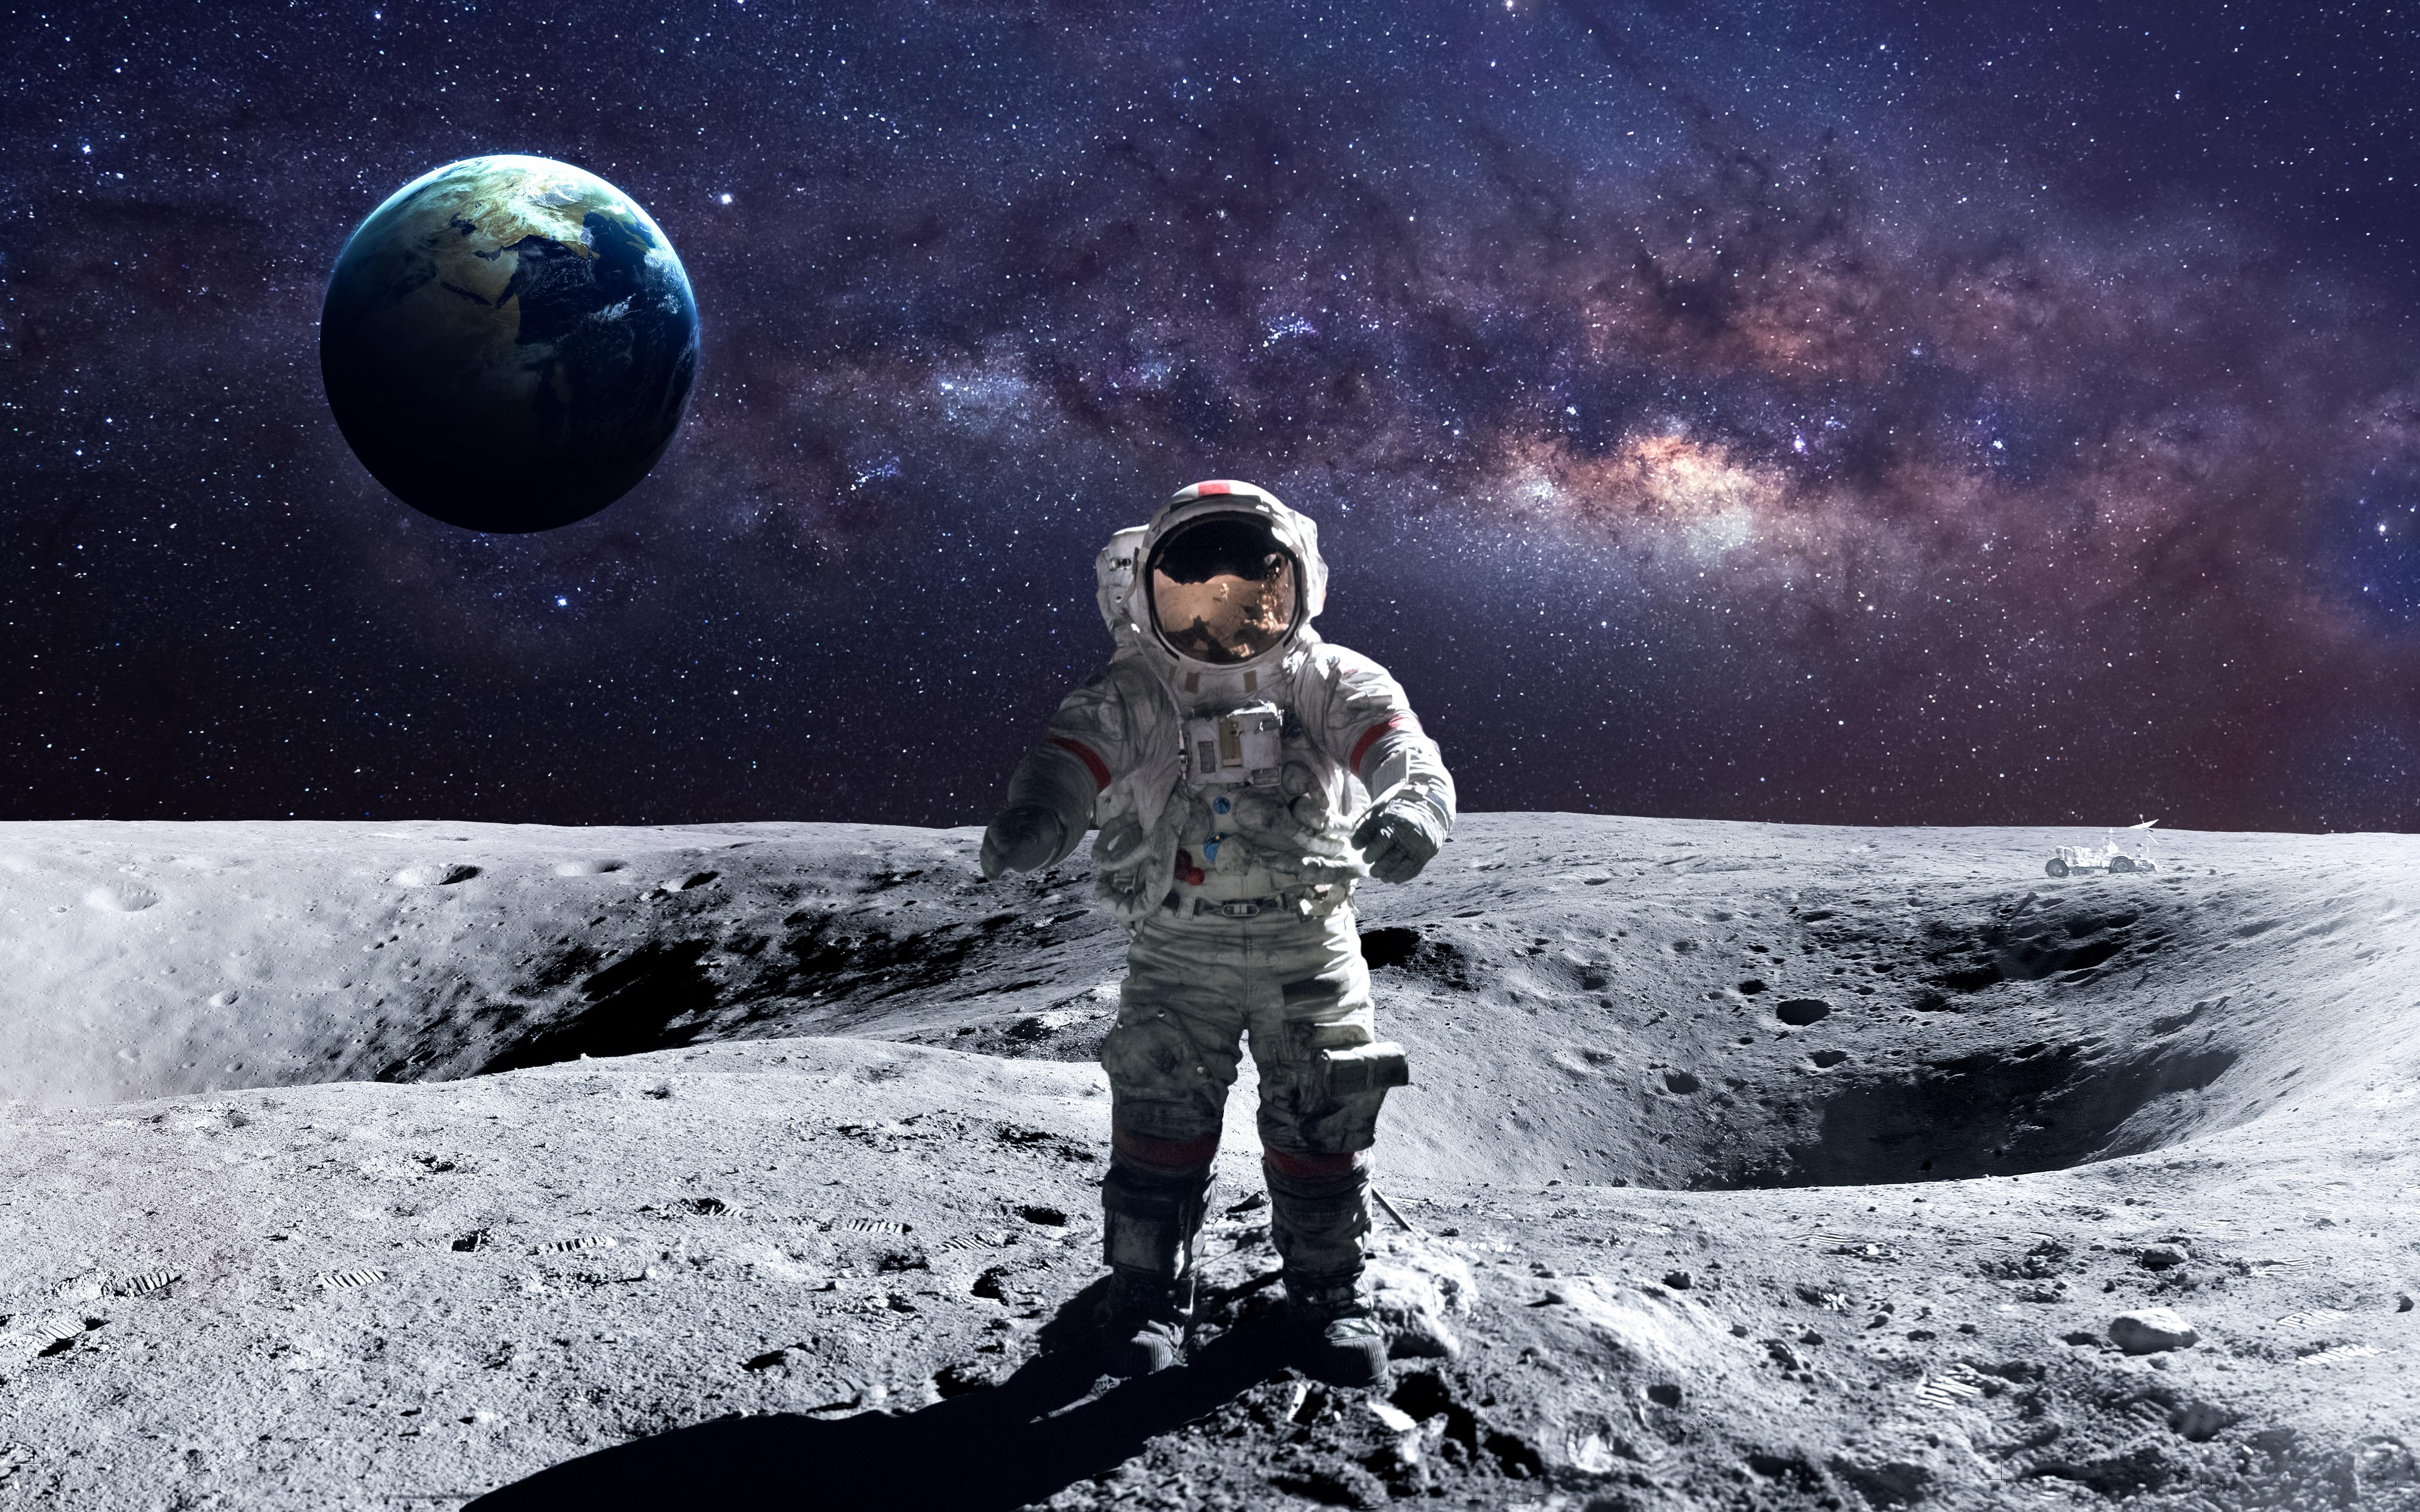 スマホで月に行くこともできる!?